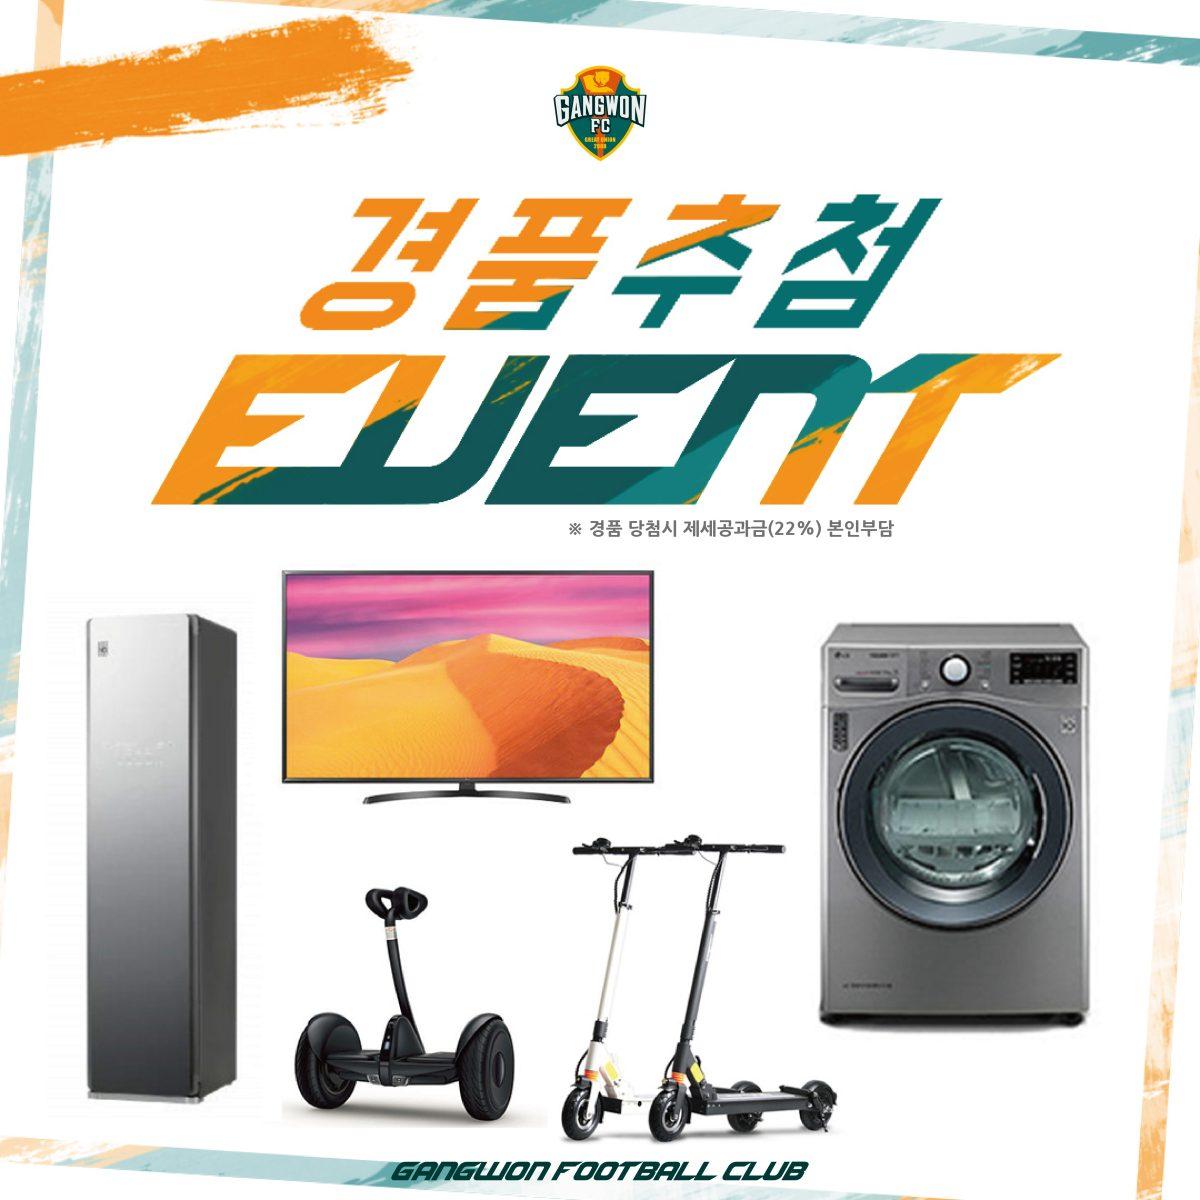 강원FC, 홈경기 개막전 경품 추첨 등 다양한 이벤트 준비